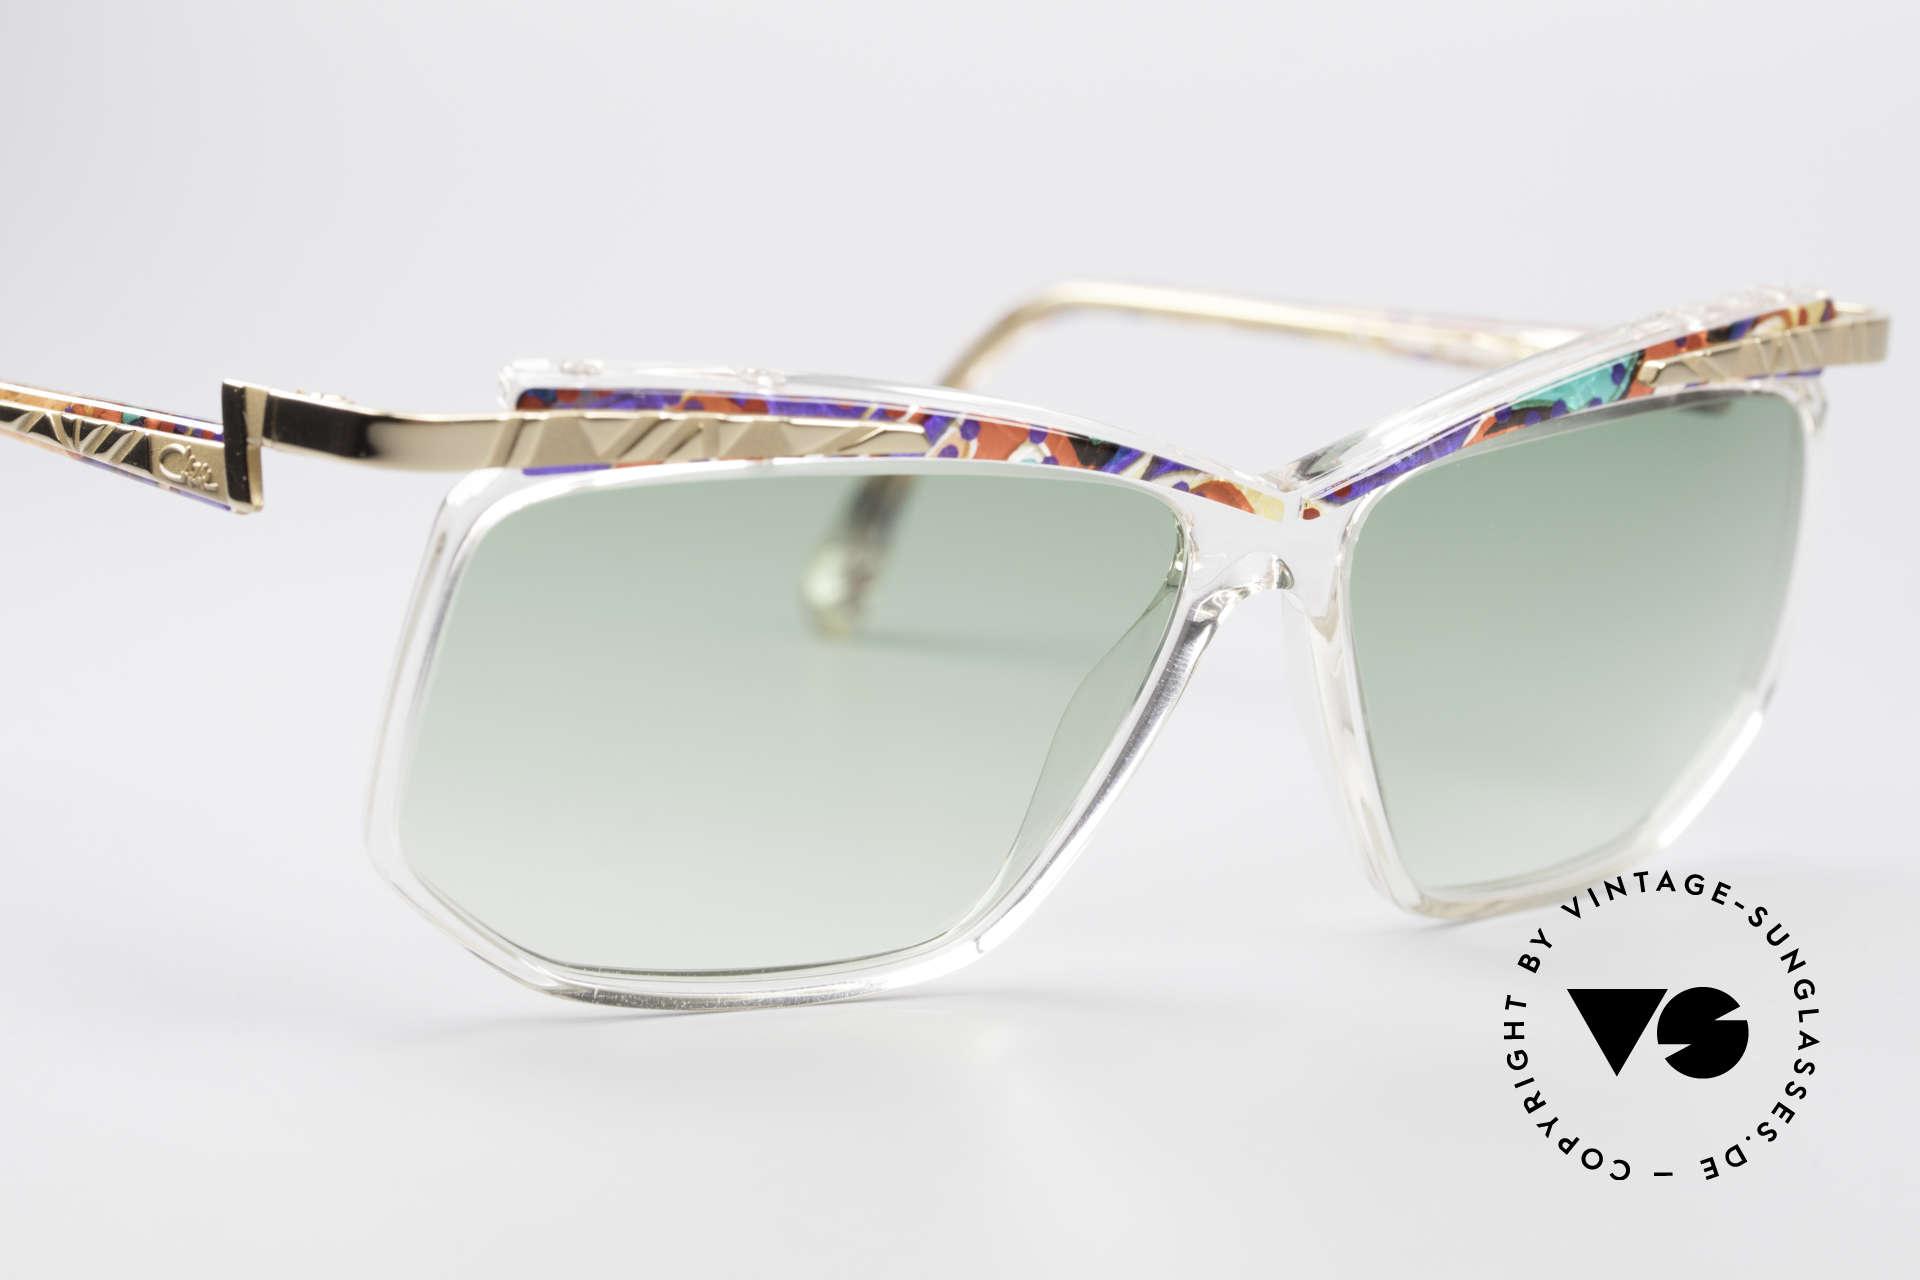 Cazal 366 Vintage Sonnenbrille Hip Hop, ungetragen (wie alle unsere alten CAZAL Brillen), Passend für Herren und Damen